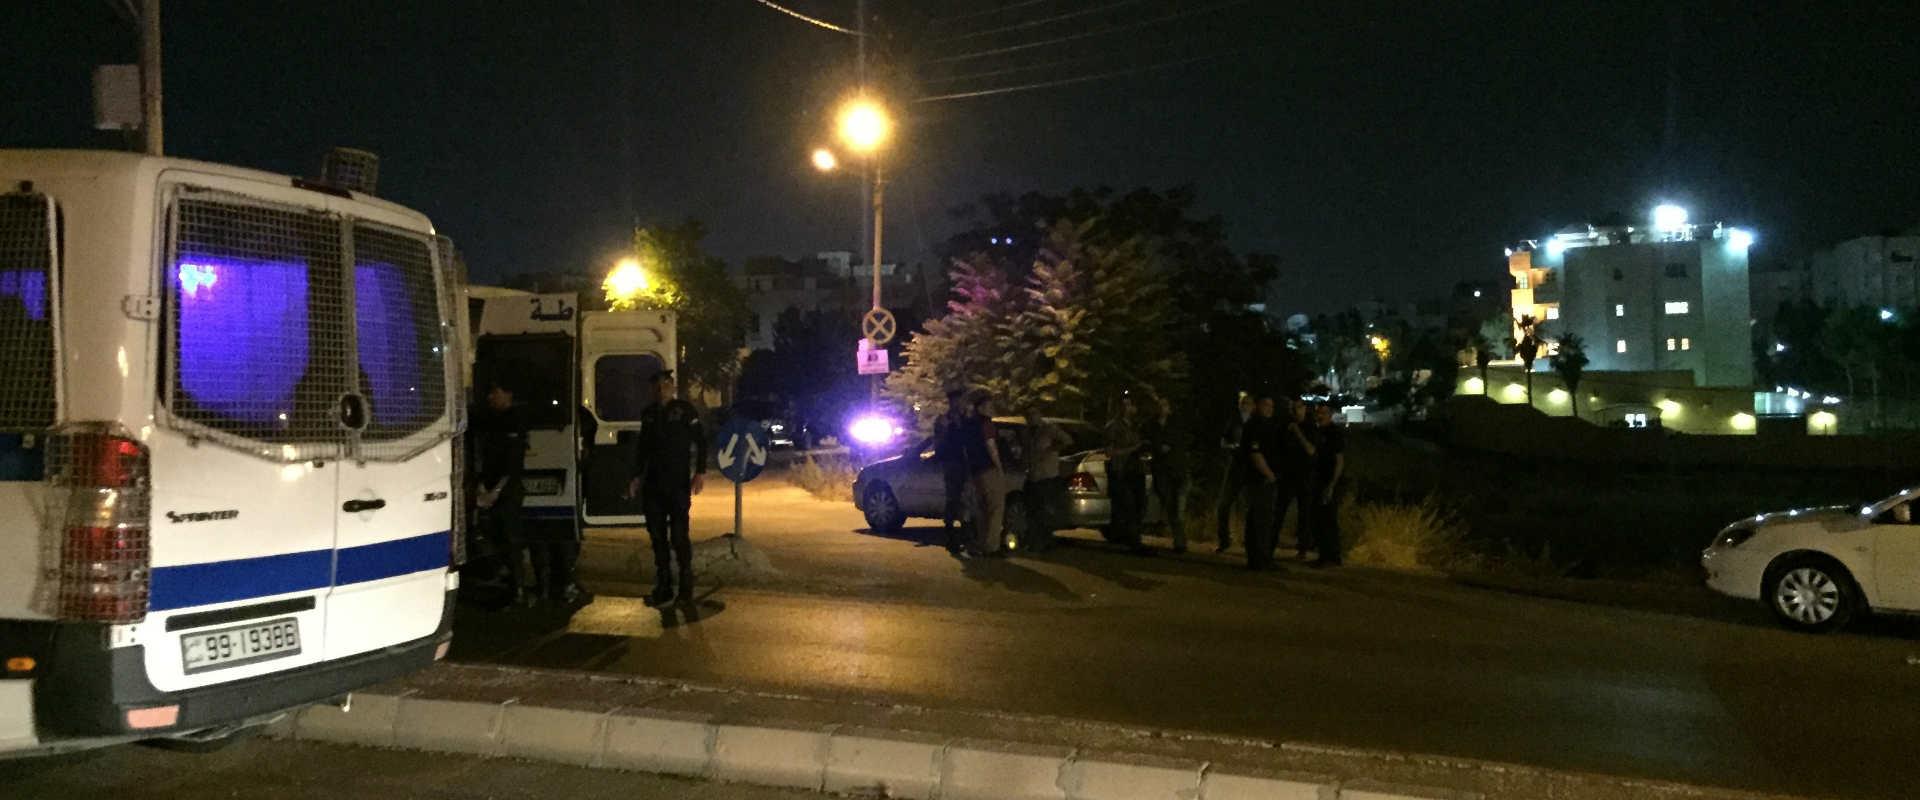 כוחות ביטחון ירדניים סמוך לשגרירות ישראל בעמאן לאח